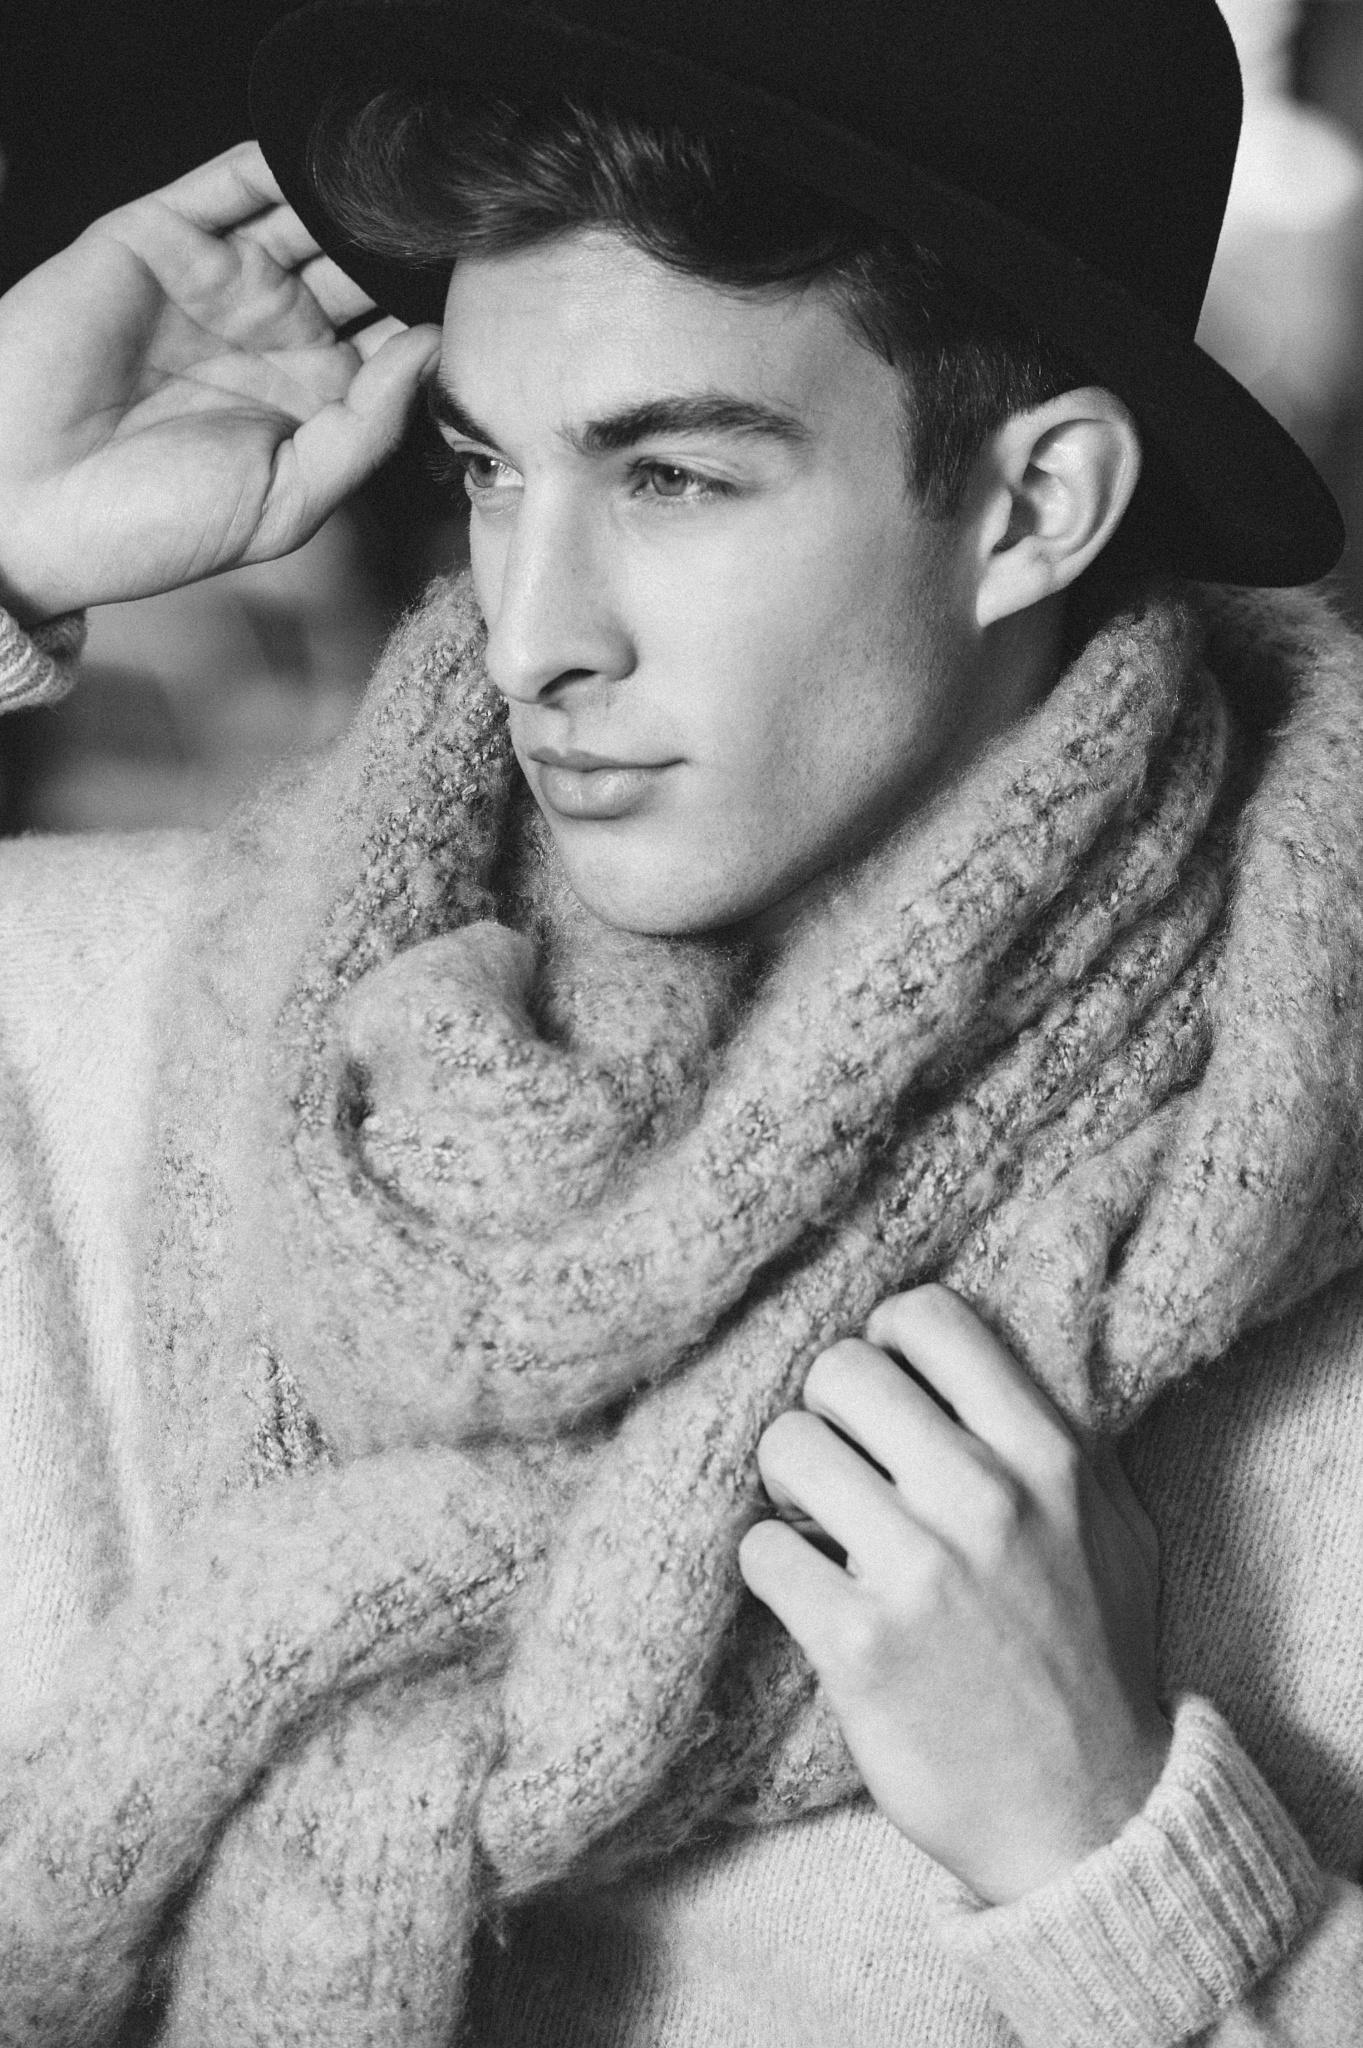 Male Fashion Editorial by Edward Fernandez